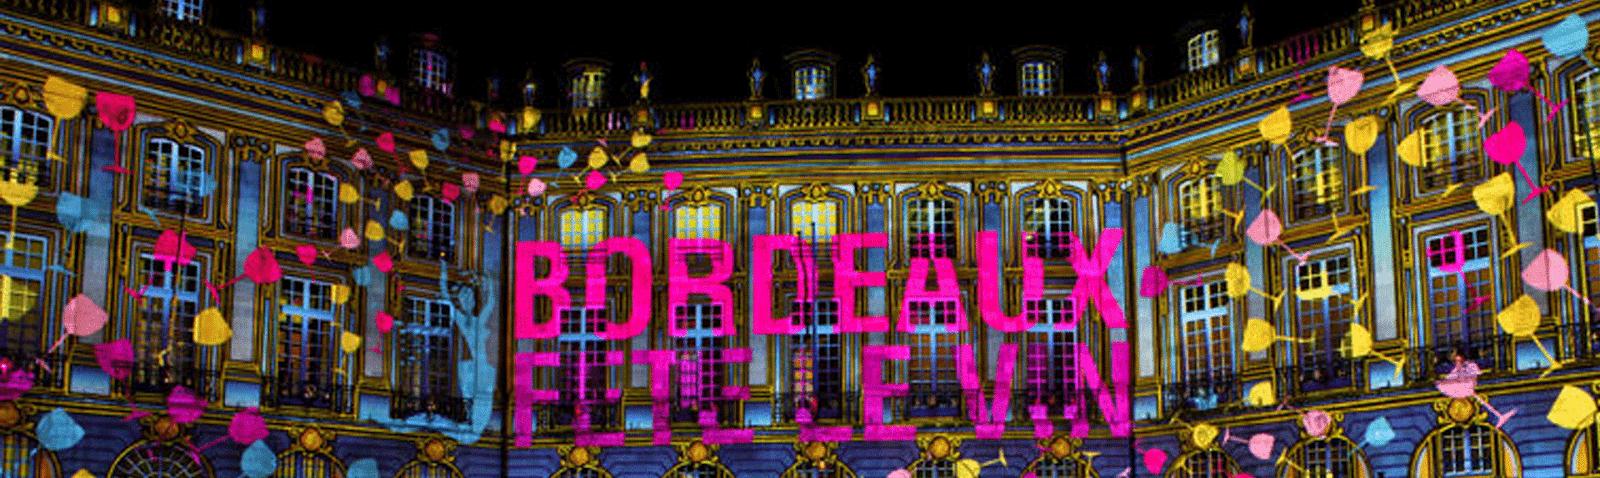 Bordeaux 2015, feestelijke verleidelijke wijnen volop belofte